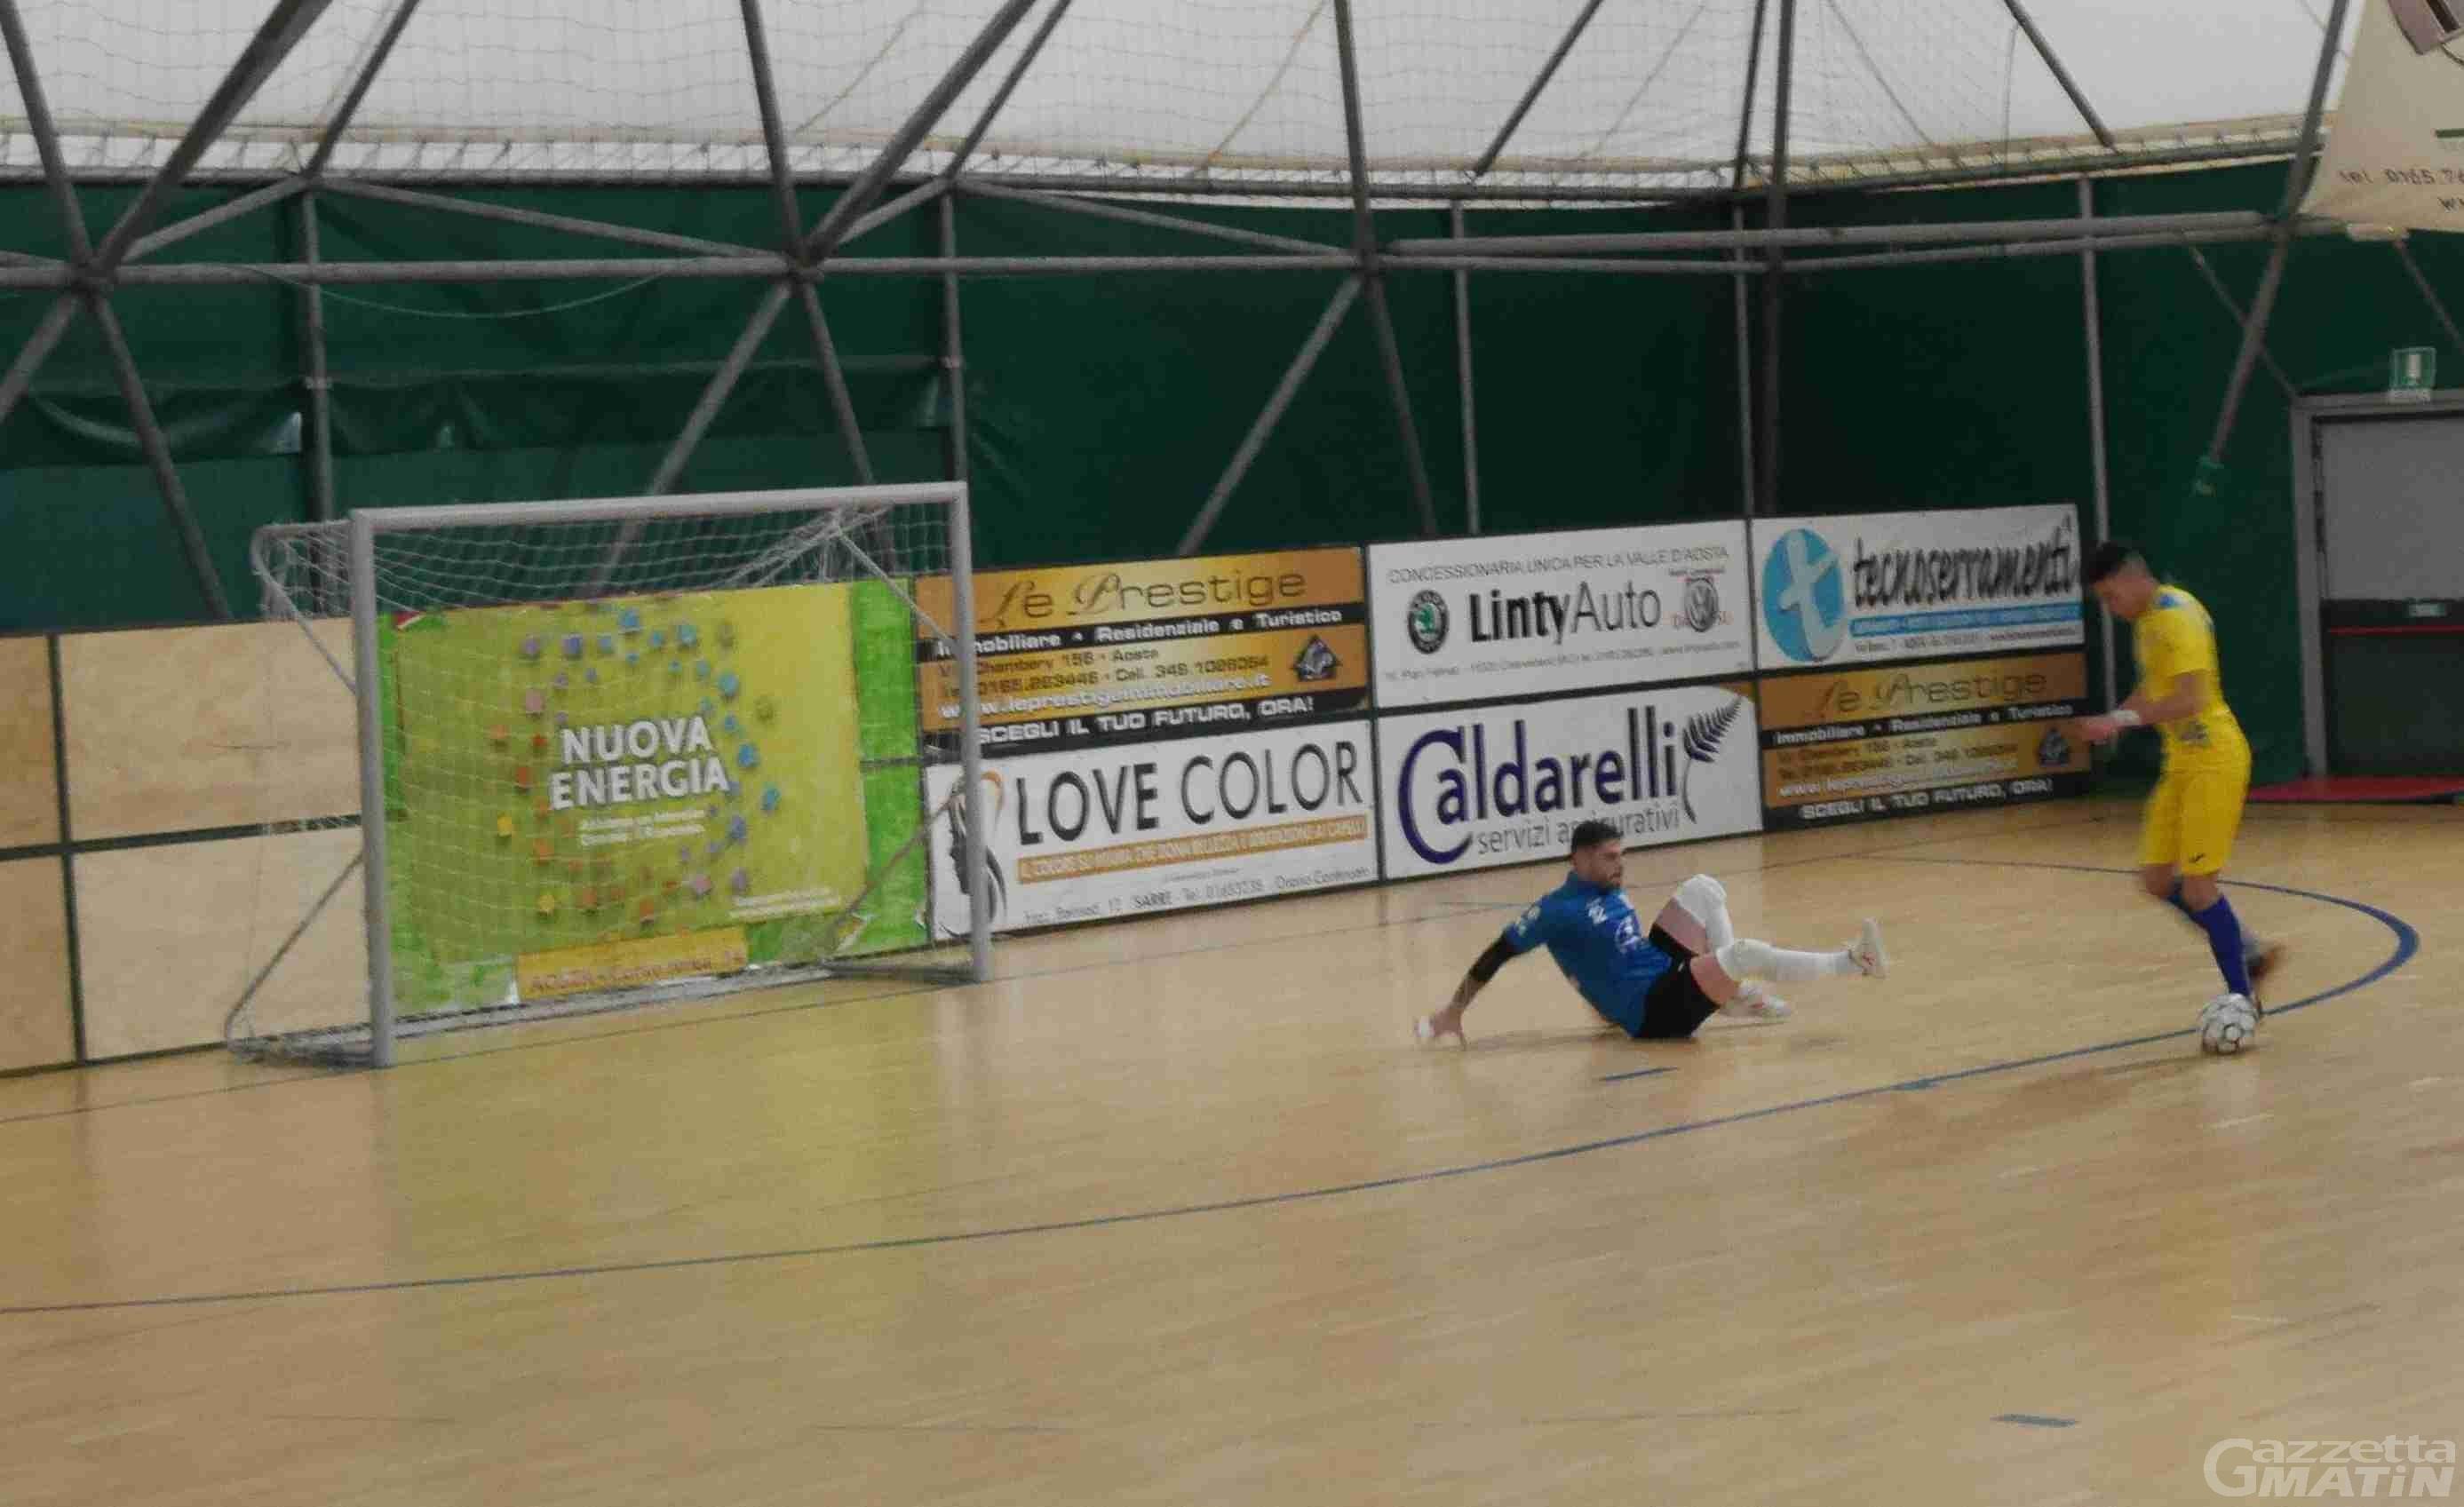 Futsal: Aosta Calcio 511 raggiunta 2 volte, con il Bubi Merano è pareggio per 2-2